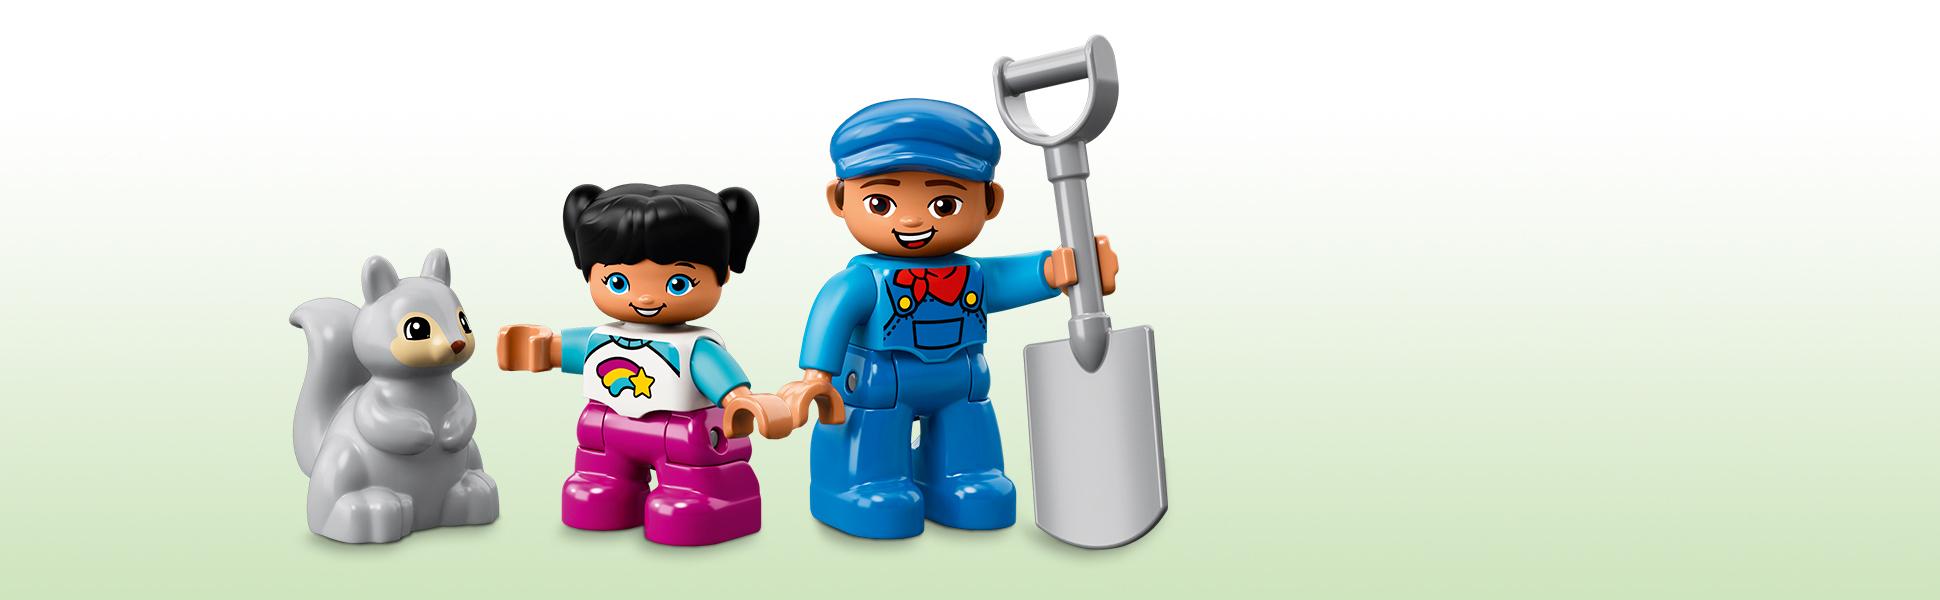 Включає фігурки машиніста та дитини LEGO® DUPLO®, а також фігурку білки